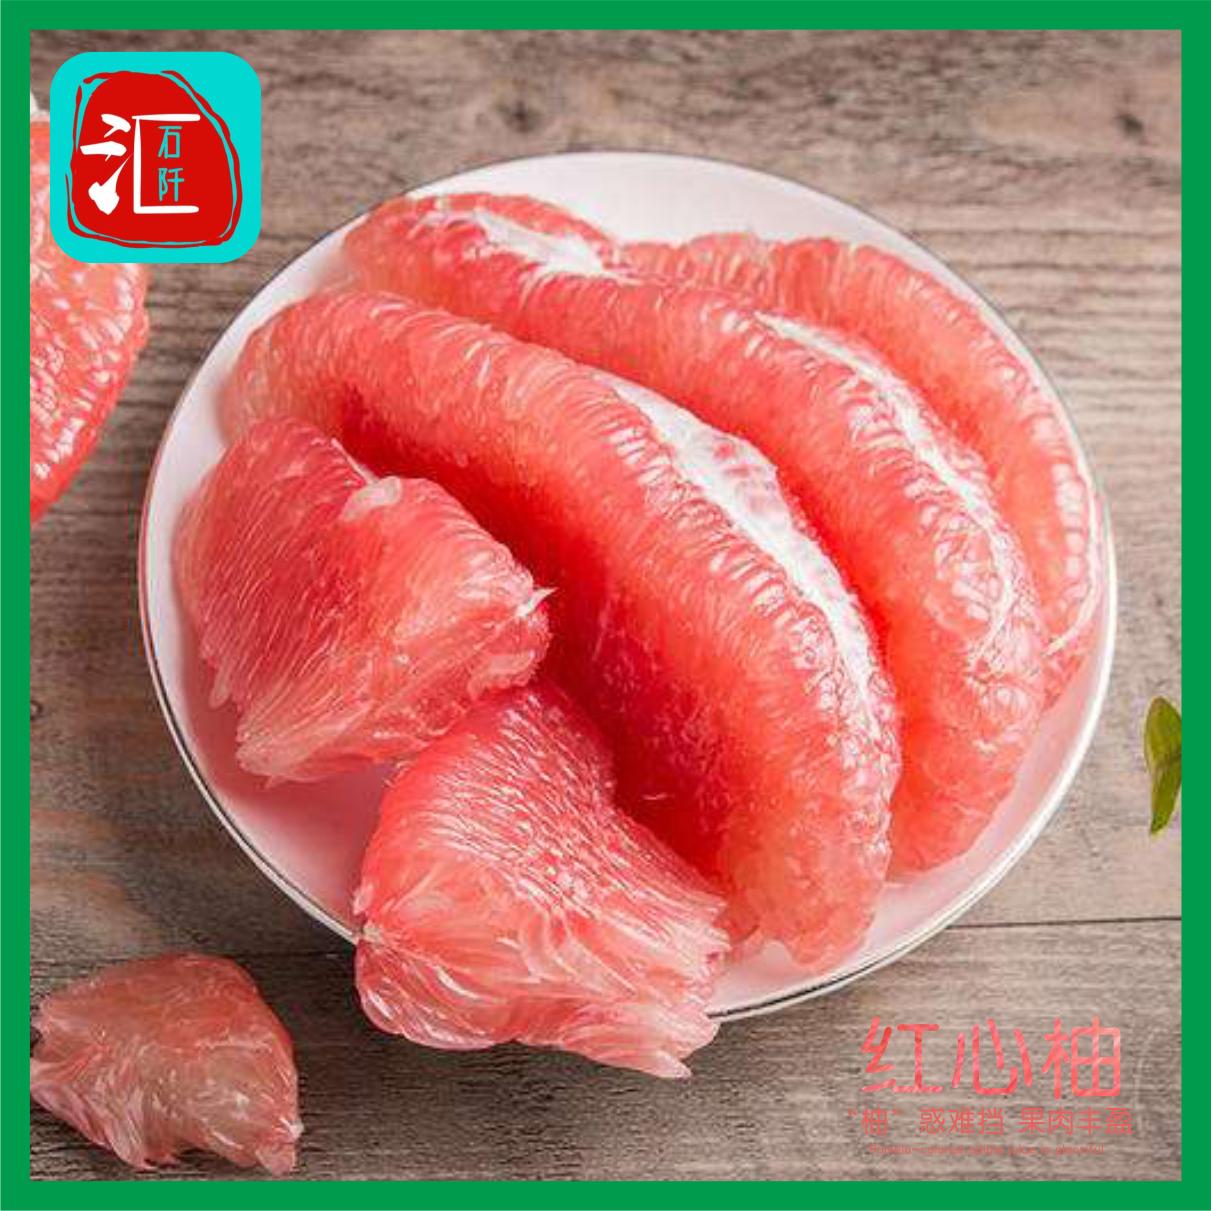 贵州当季新鲜水果现摘现发红心蜜柚非无籽孕妇水果2个装5.5斤包邮